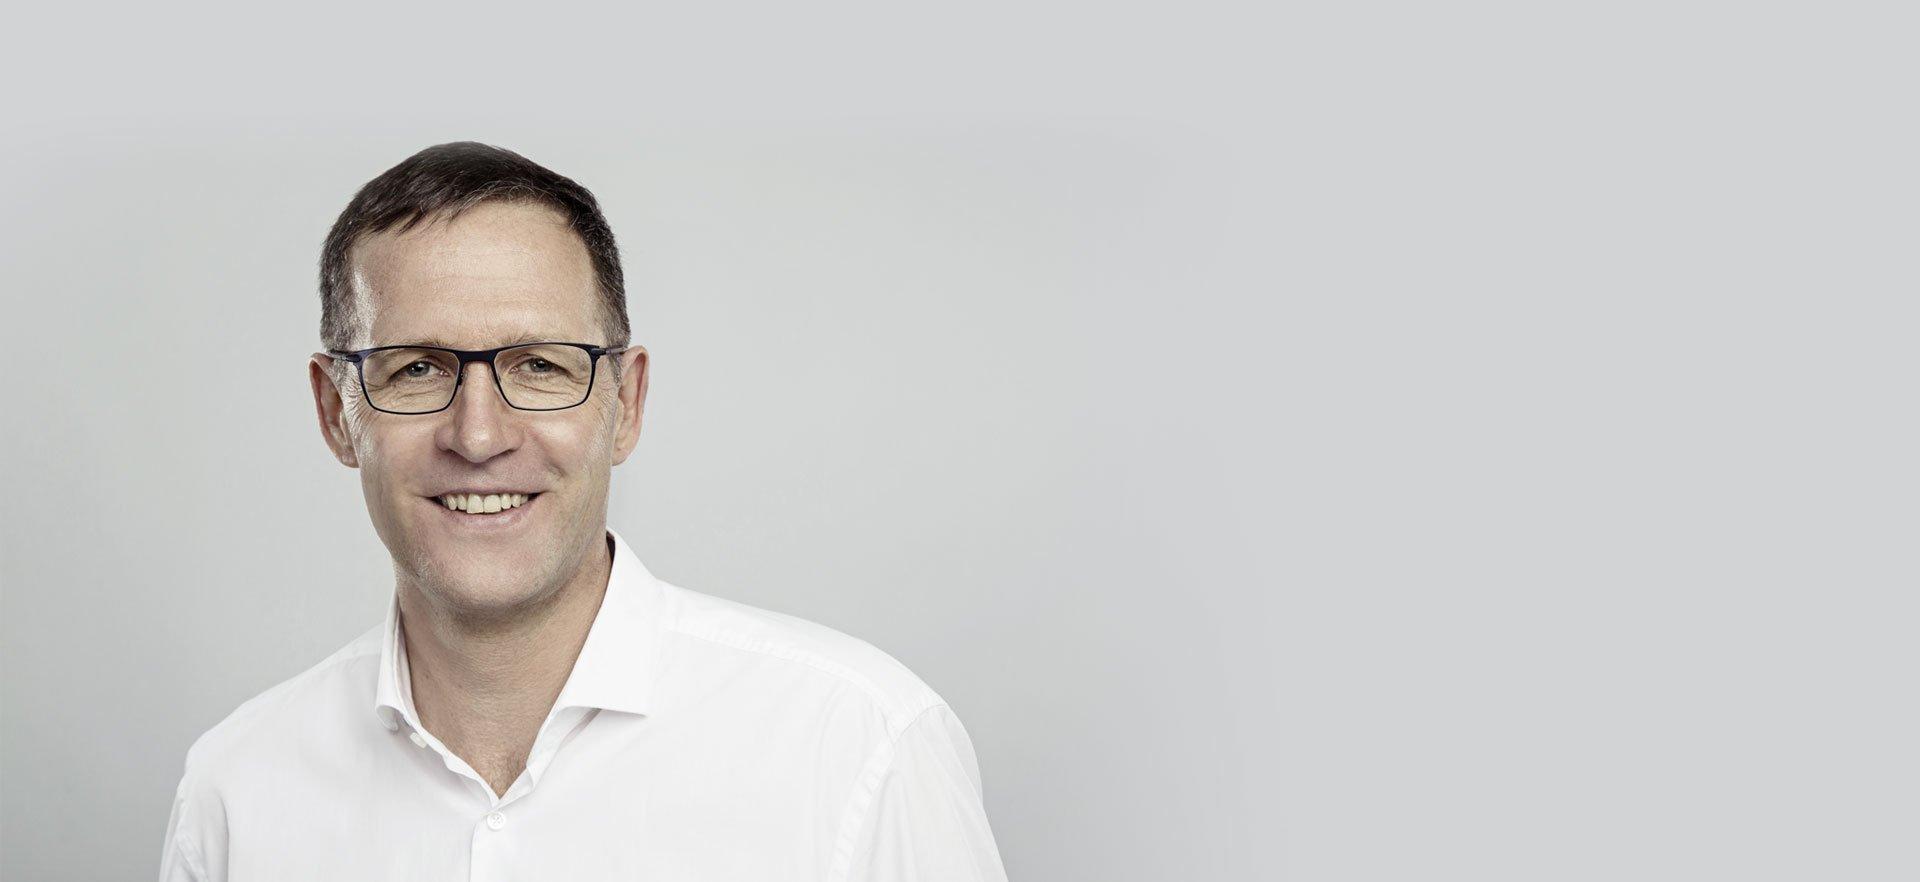 Dr. Pickert HNO Arzt mit Praxis in Bayreuth - Portrait von Dr. Pickert